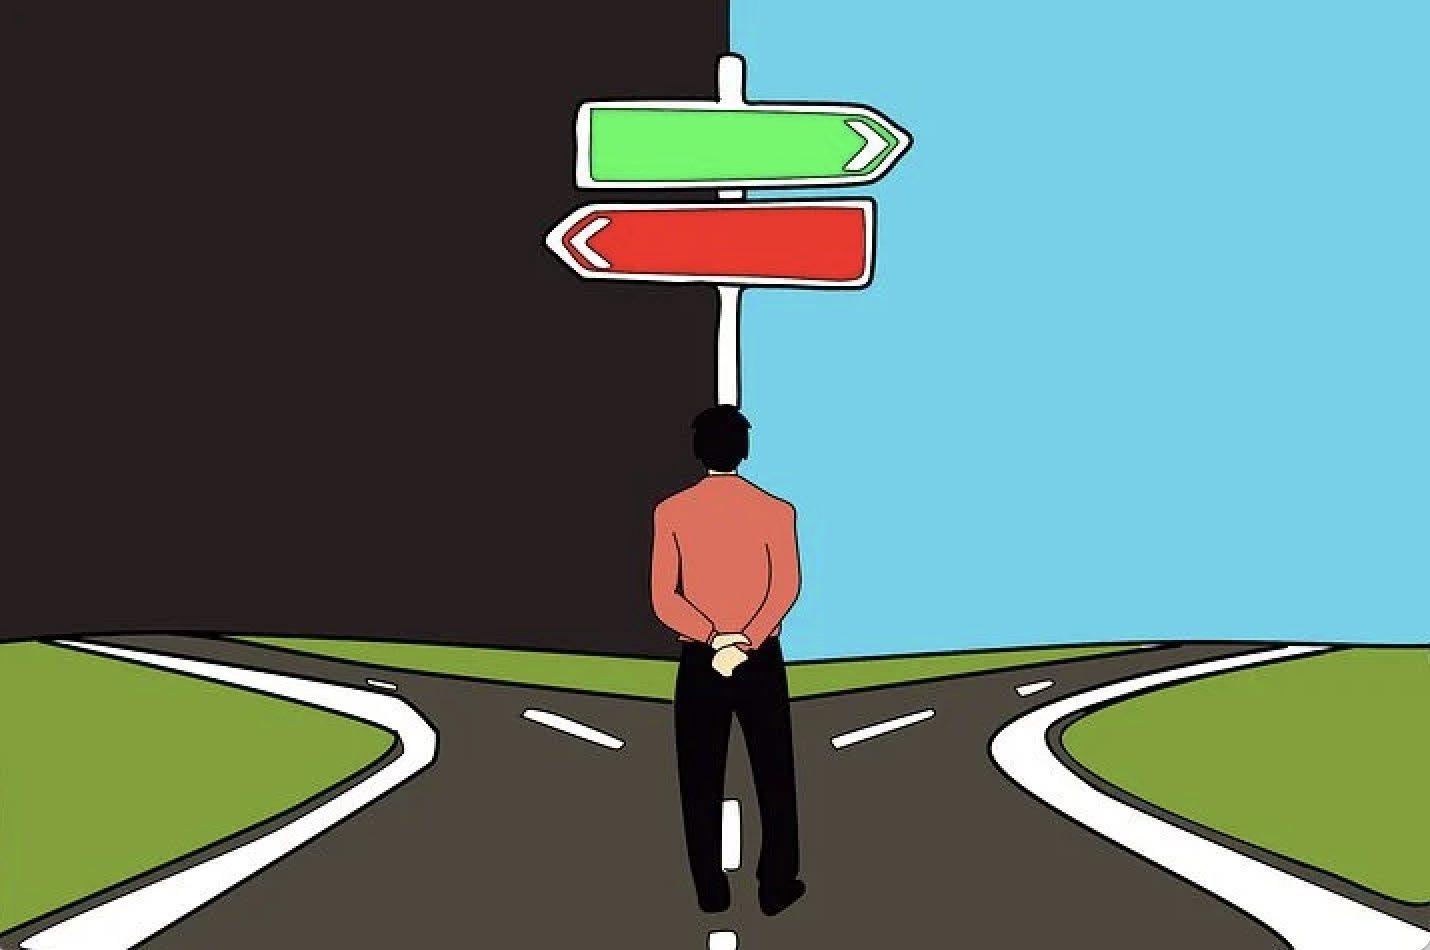 Piirroskuva, jossa selin oleva henkilö tuijottaa tienristeystä, jossa punainen kyltti vasemmalle ja vihreä oikealle.